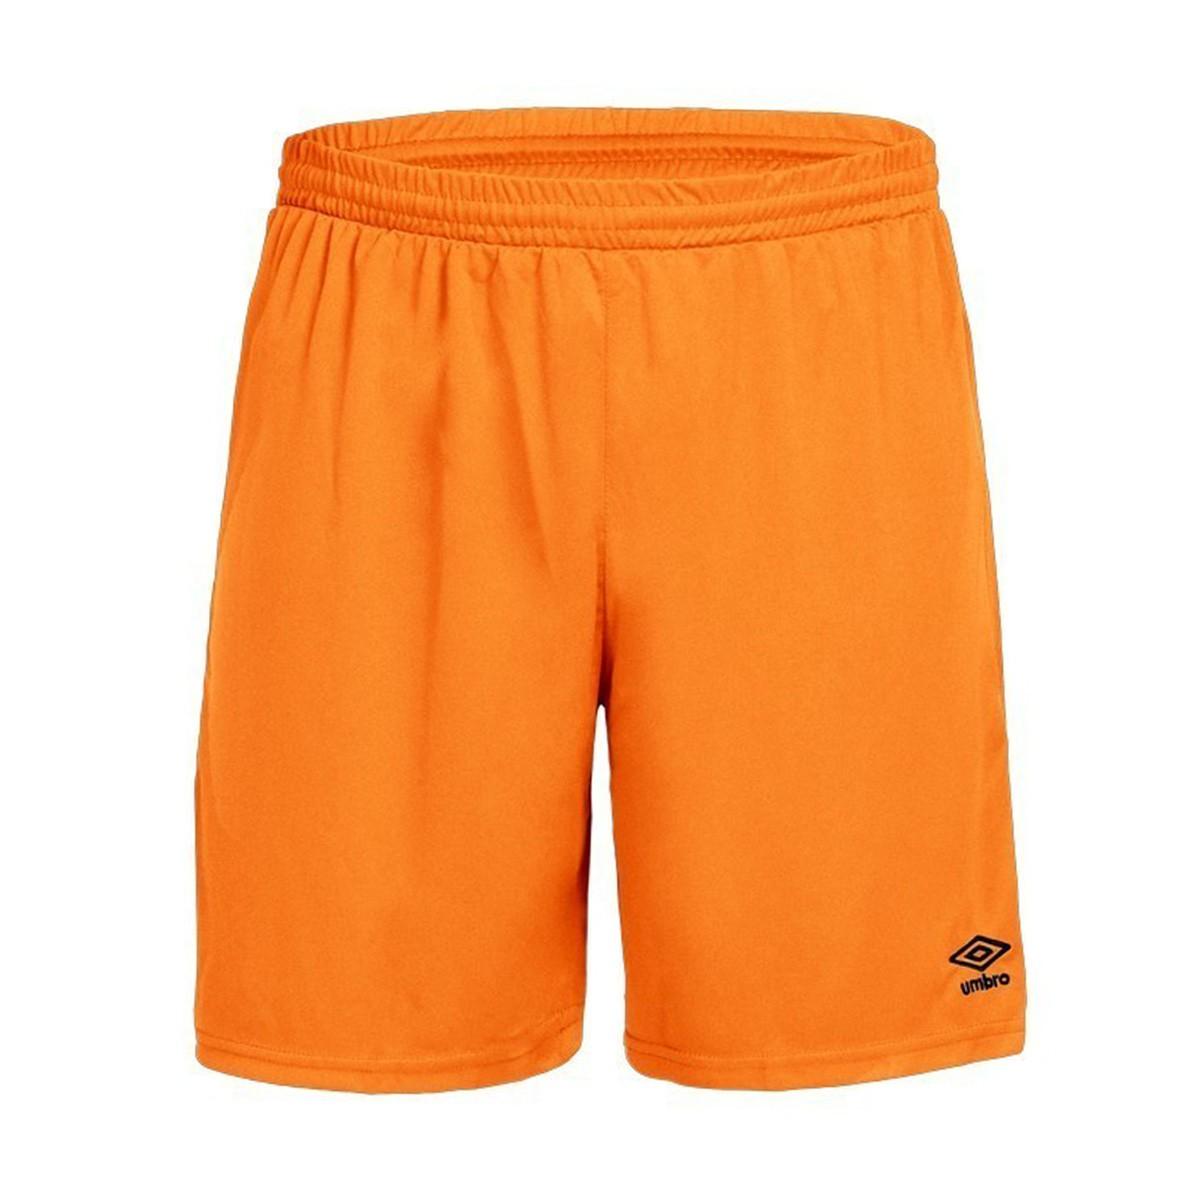 umbro orange